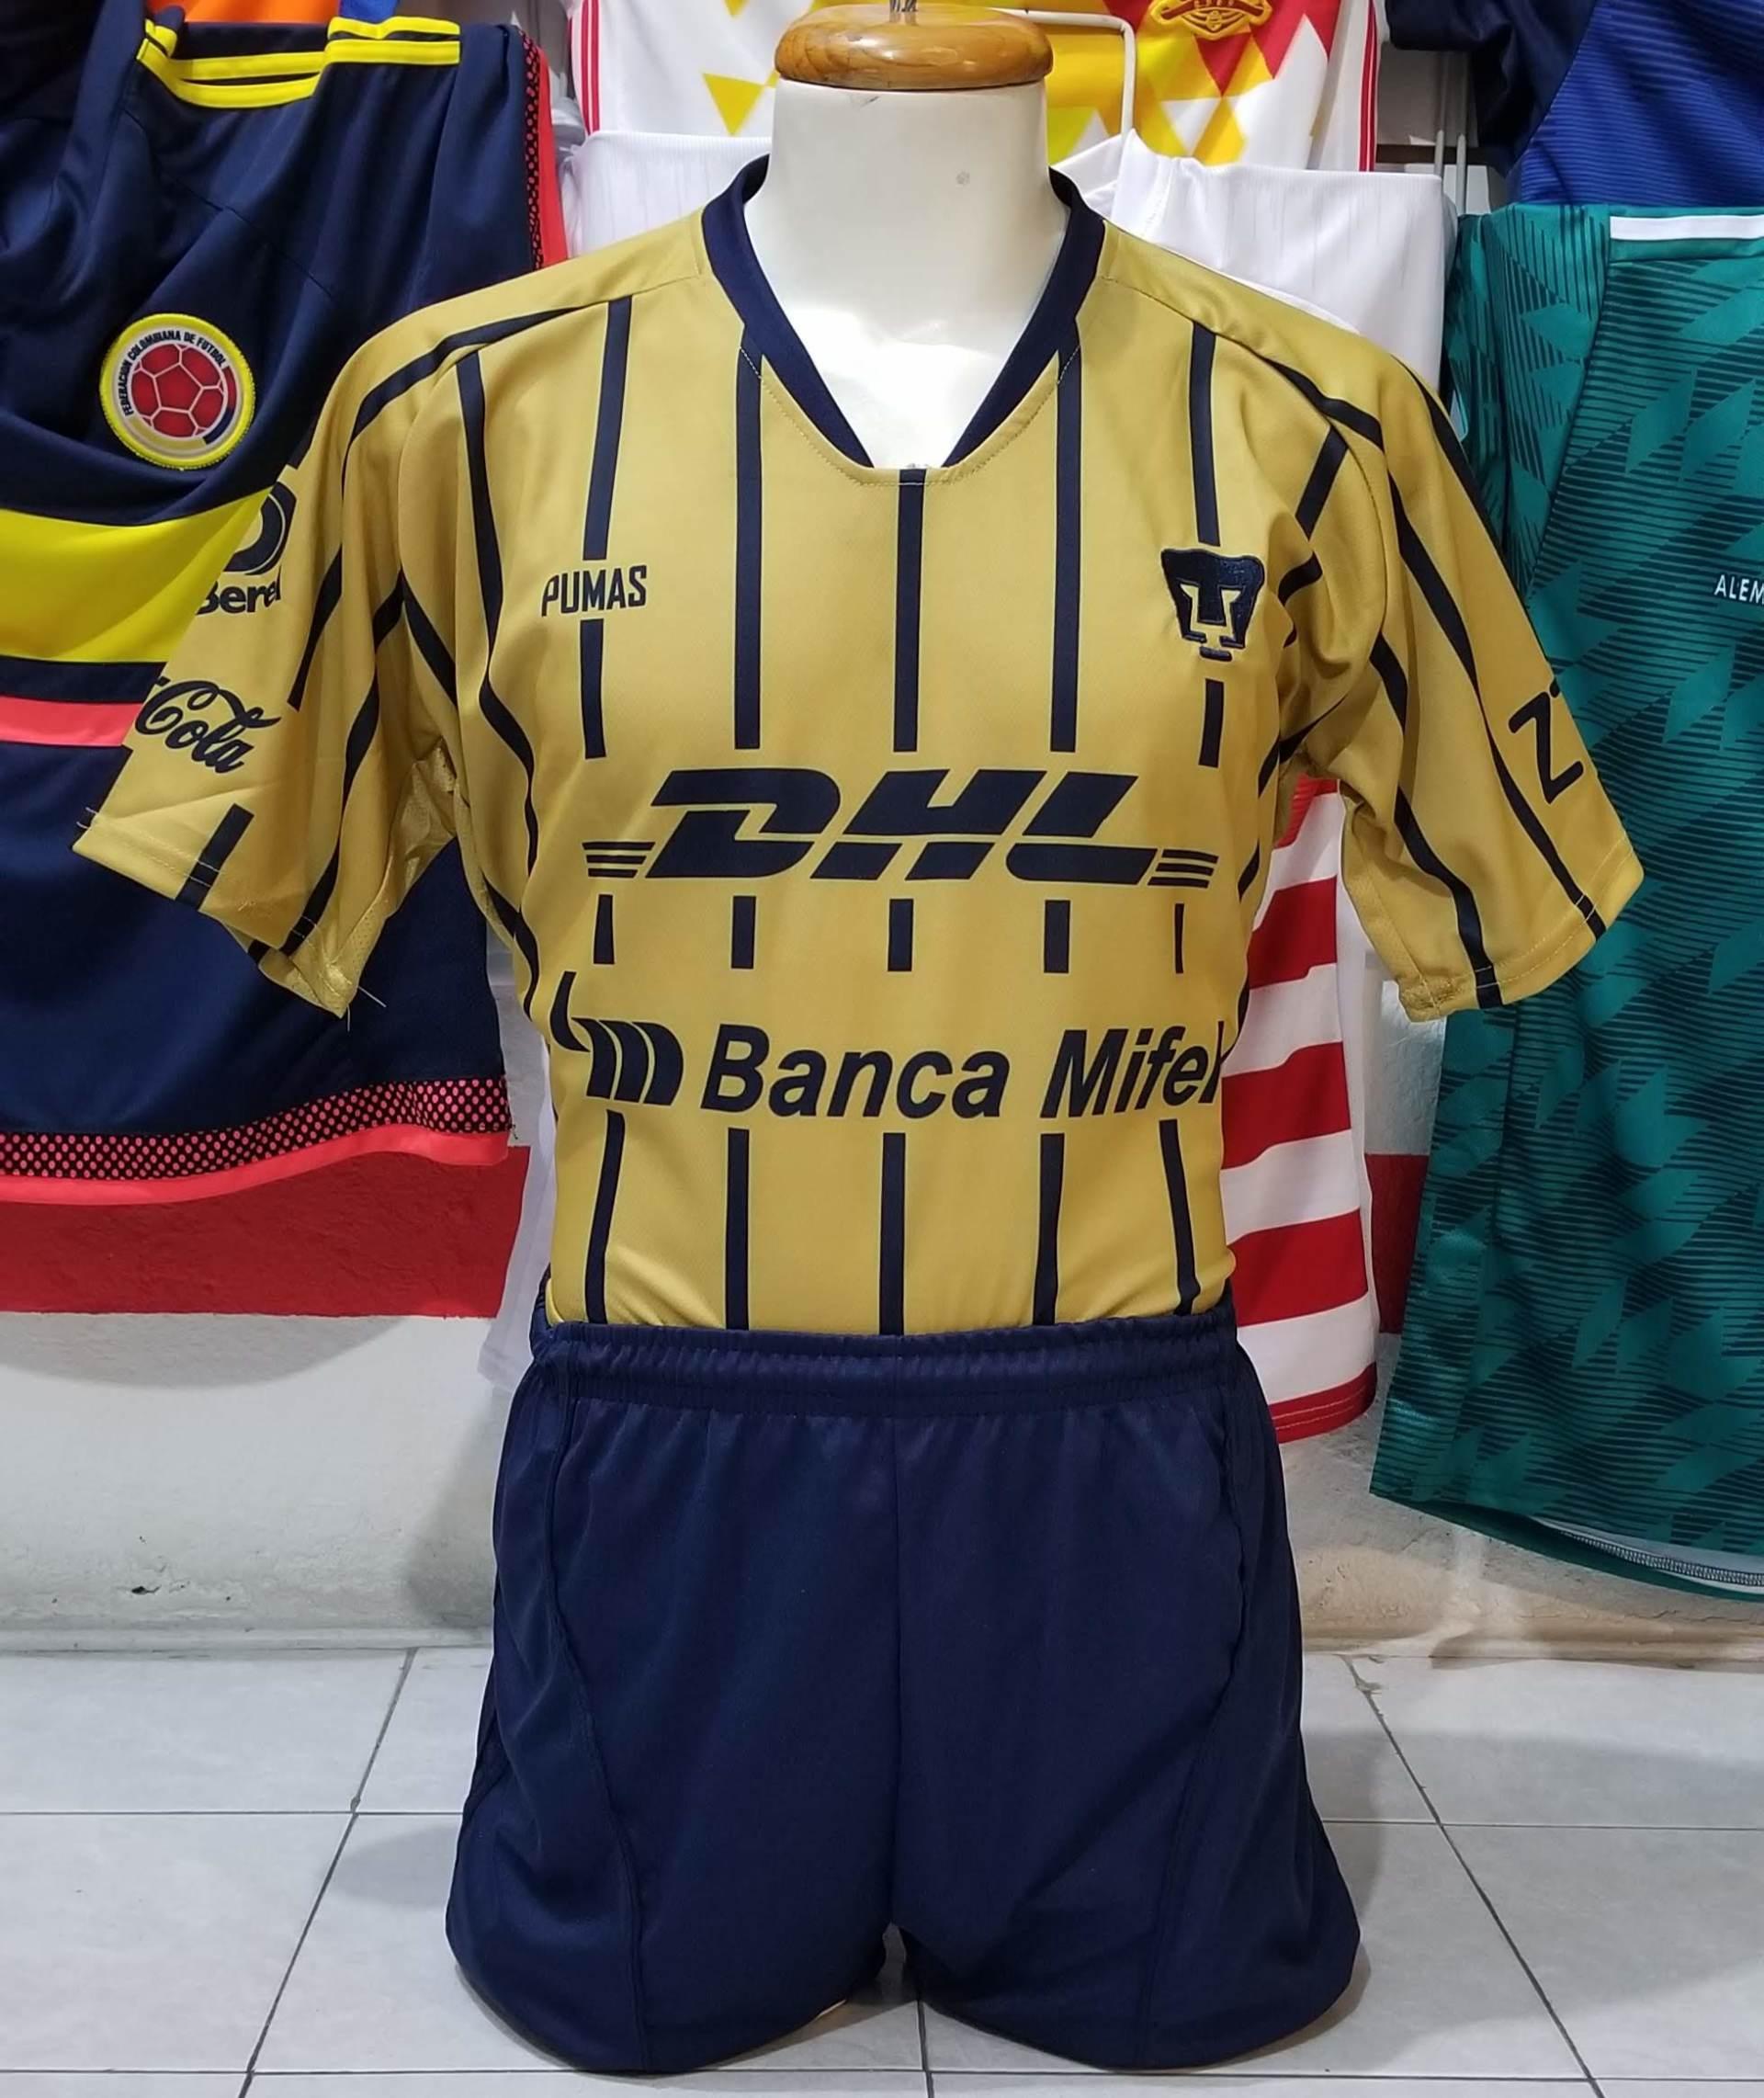 Uniformes de Fútbol y Playeras de Soccer  Replicas  7e50cc5278bca